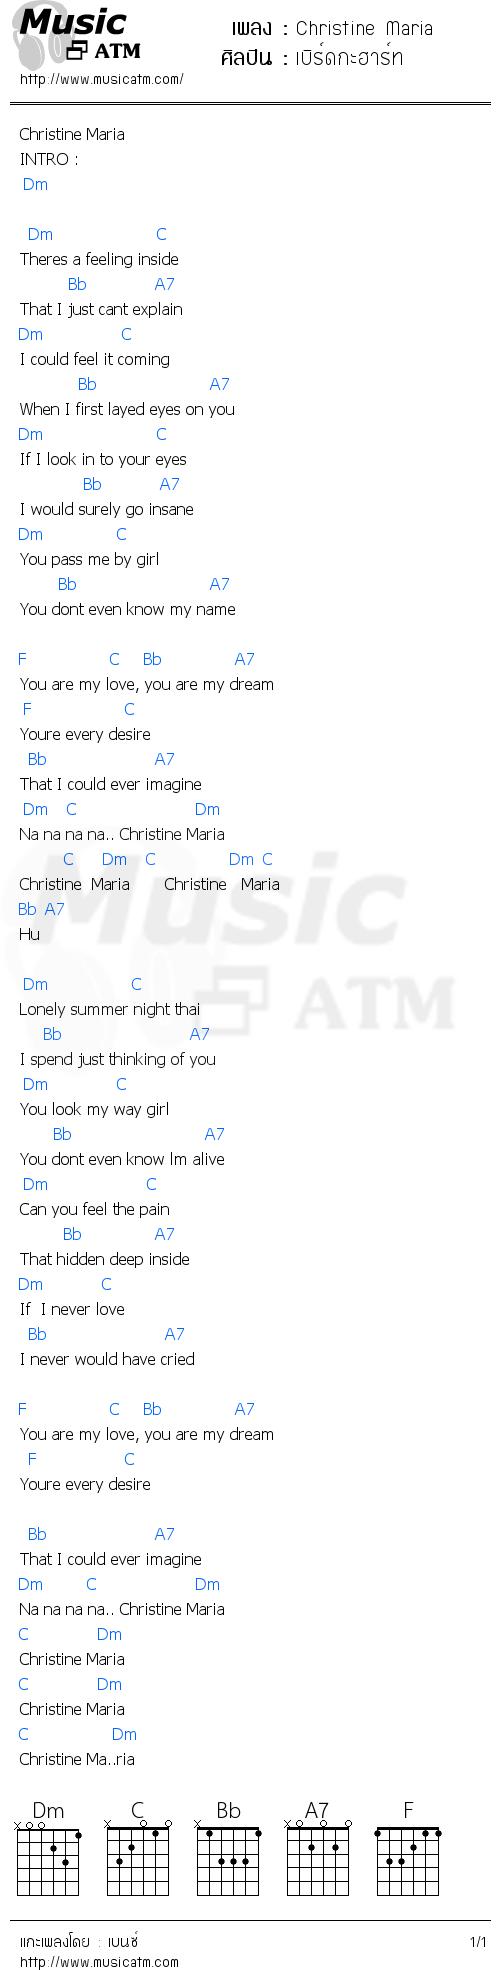 คอร์ดเพลง Christine Maria - เบิร์ดกะฮาร์ท | คอร์ดเพลงใหม่